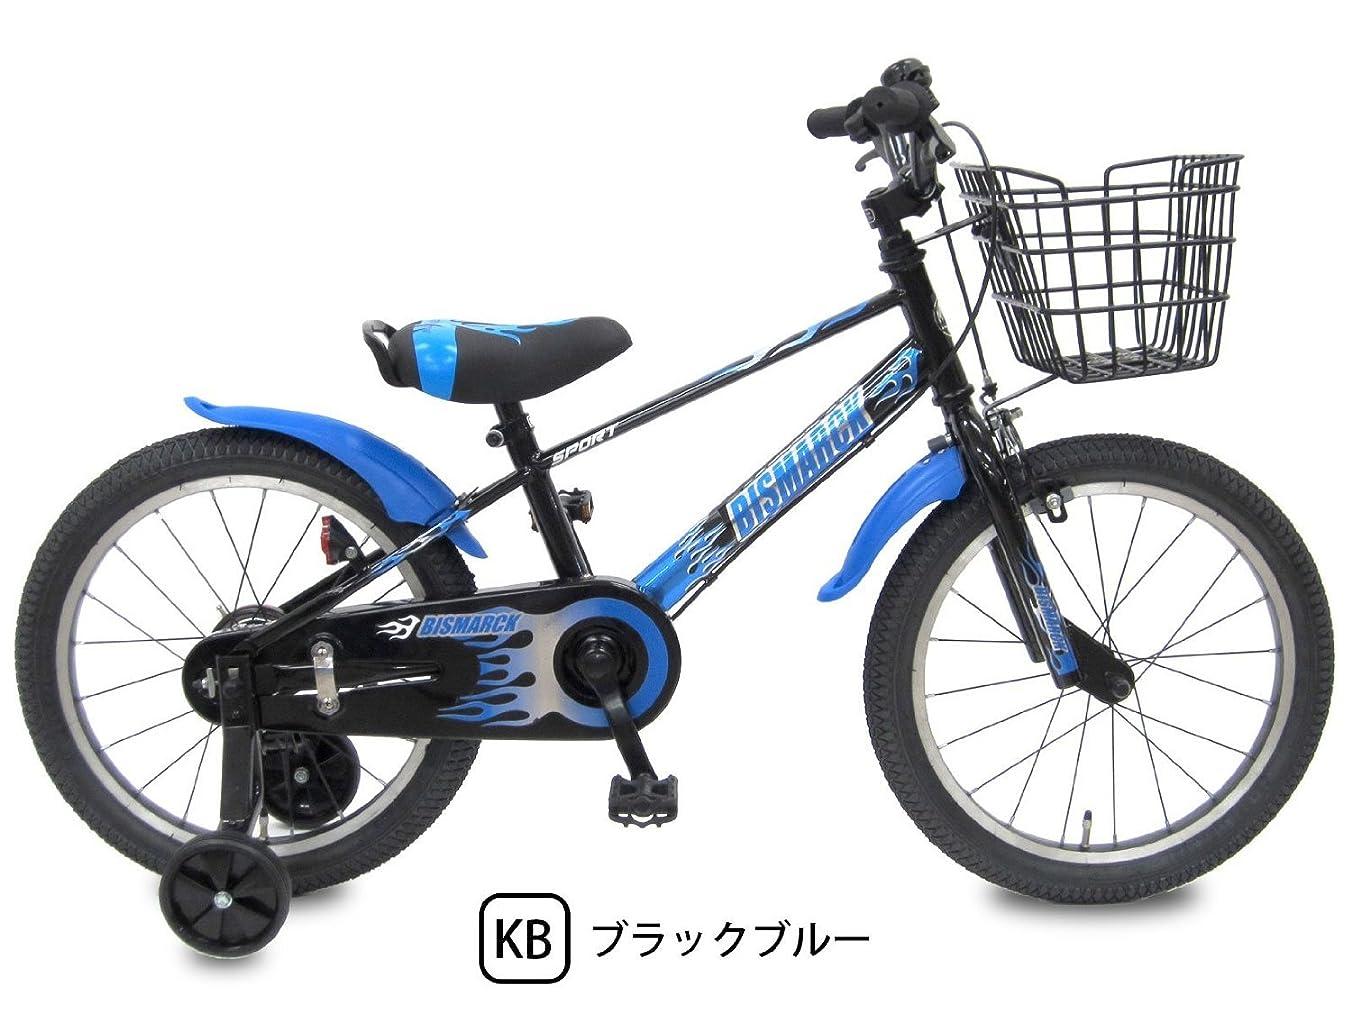 ウイルス謎めいたエジプト人ビスマーク 補助輪付き 組み立て式 子供用自転車 幼児自転車